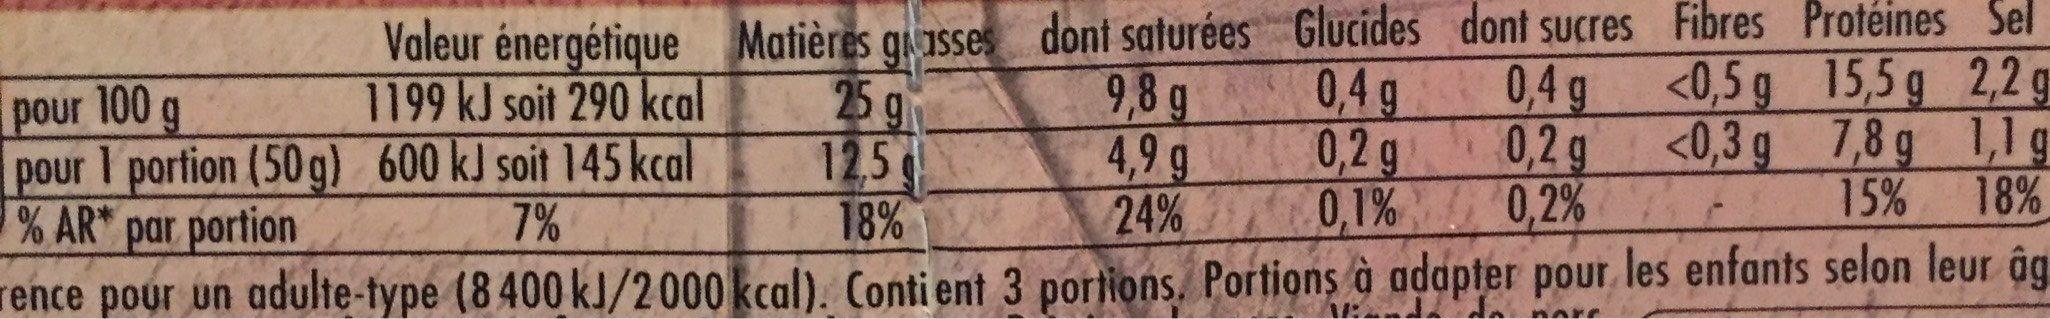 Allumettes Charcutier - Informations nutritionnelles